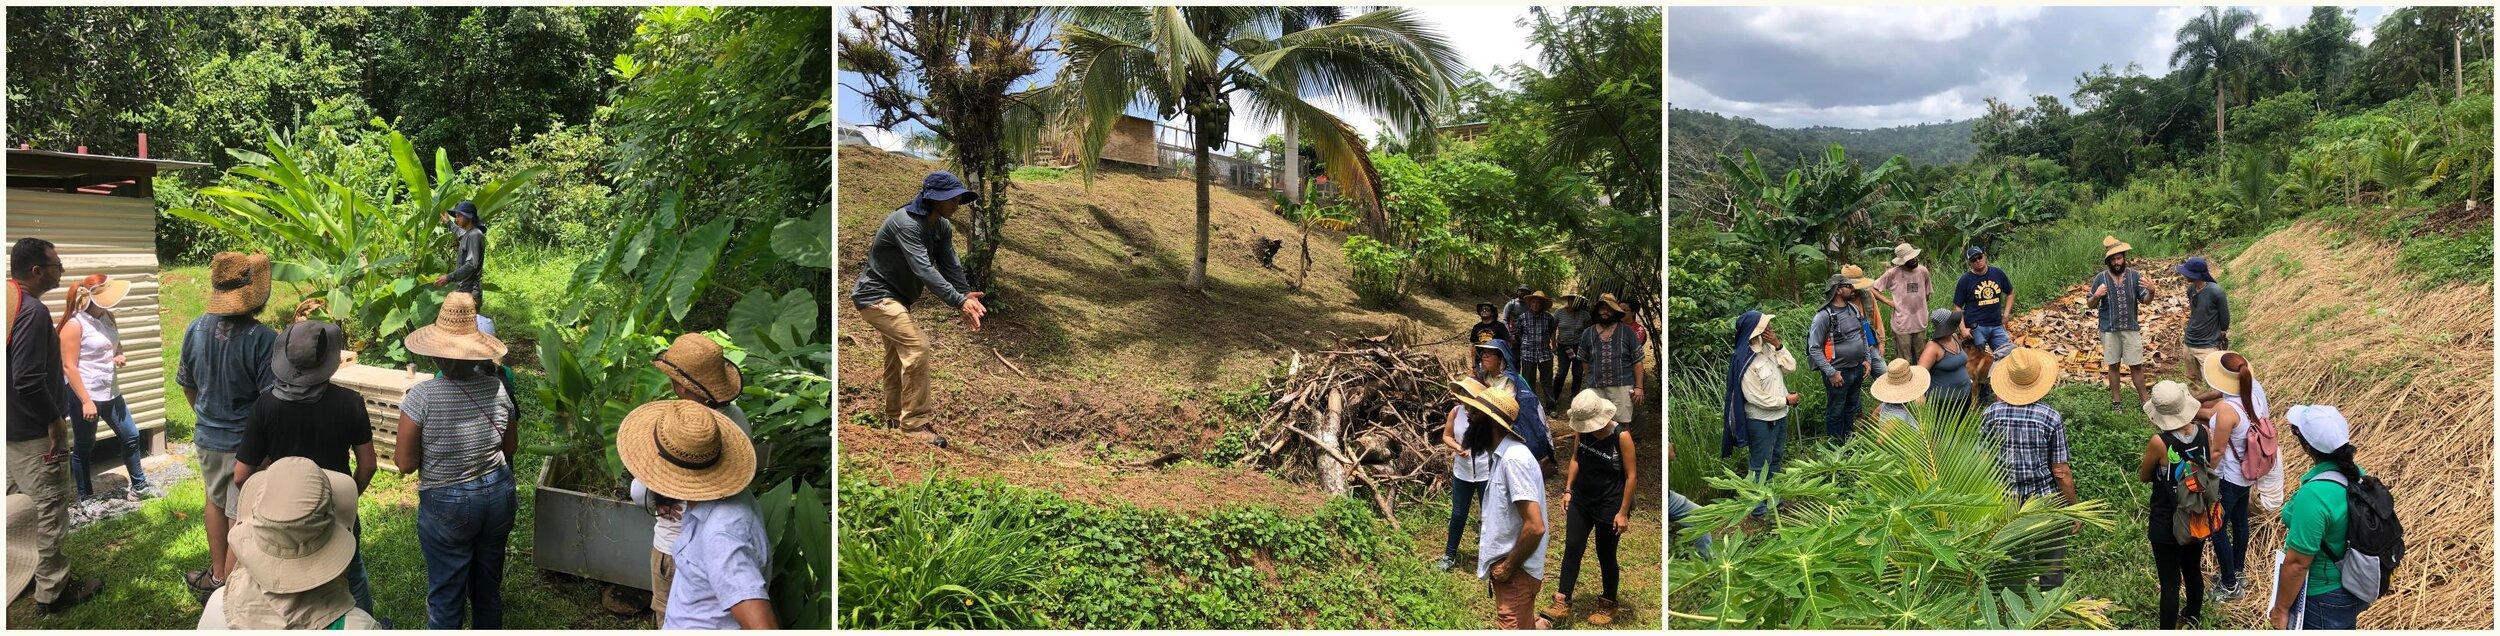 Agricultores de la red de WCK y líderes comunitarios participan de talleres de manejo de agua en    Plenitud PR   .